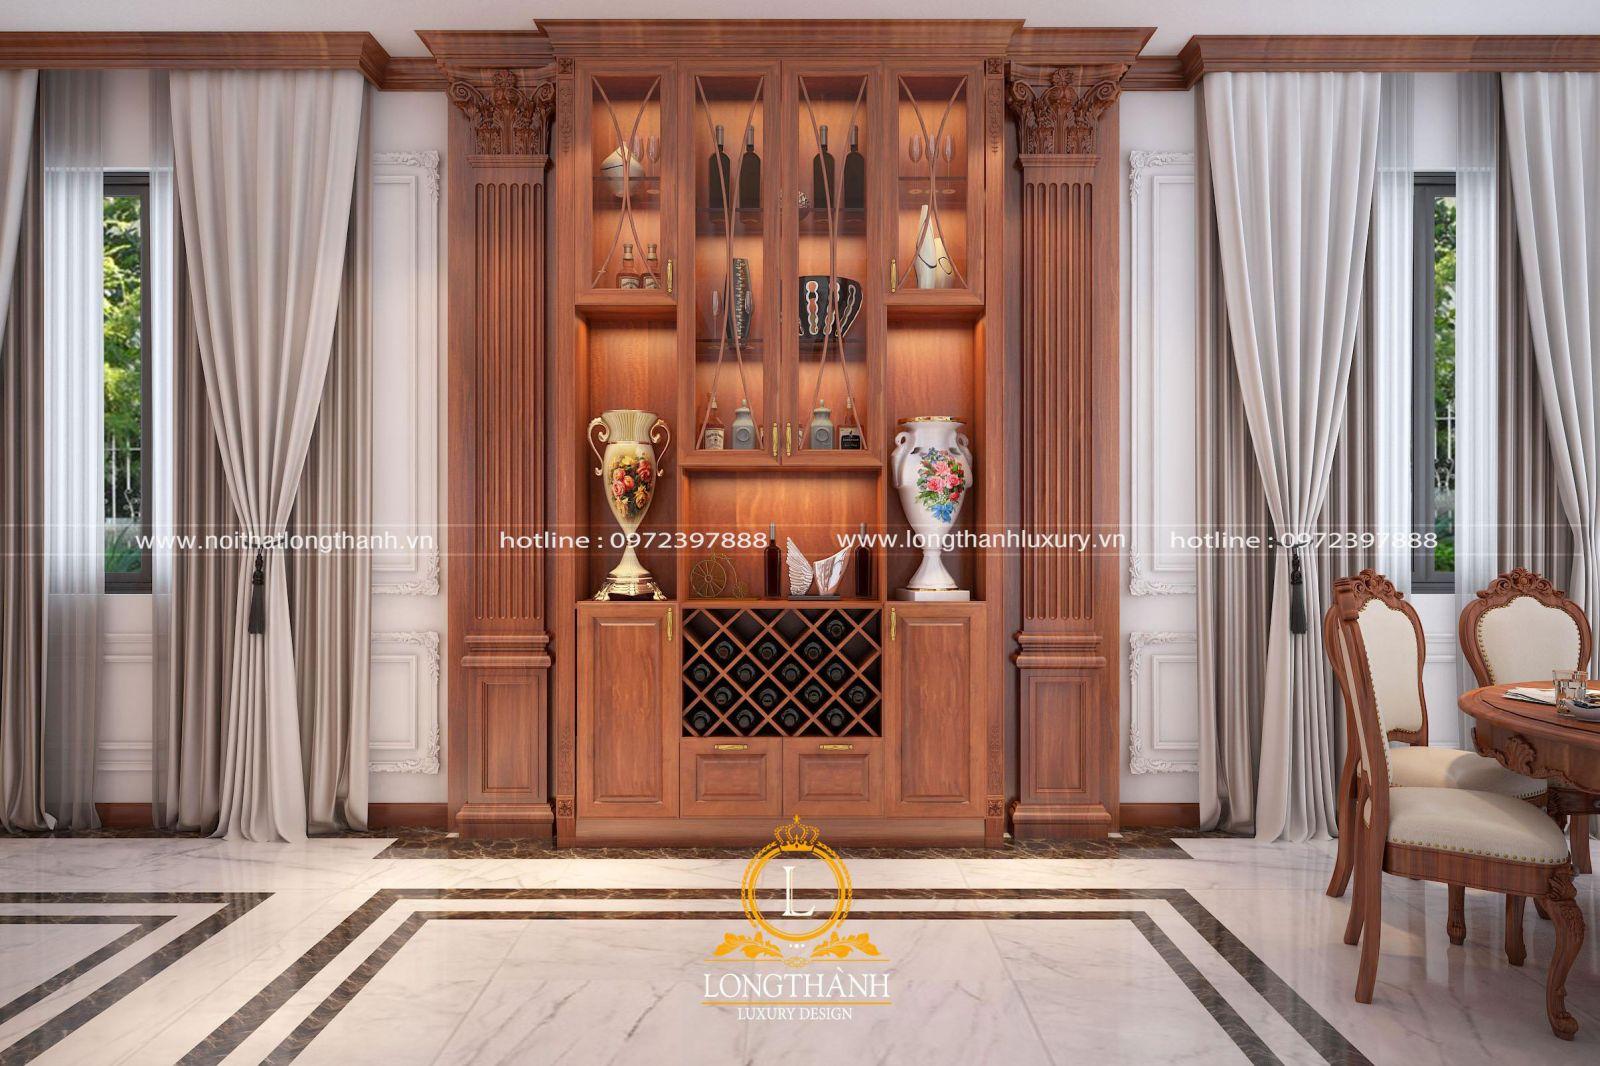 Mẫu tủ rượu được sử dụng chất liệu gỗ Gõ cao cấp